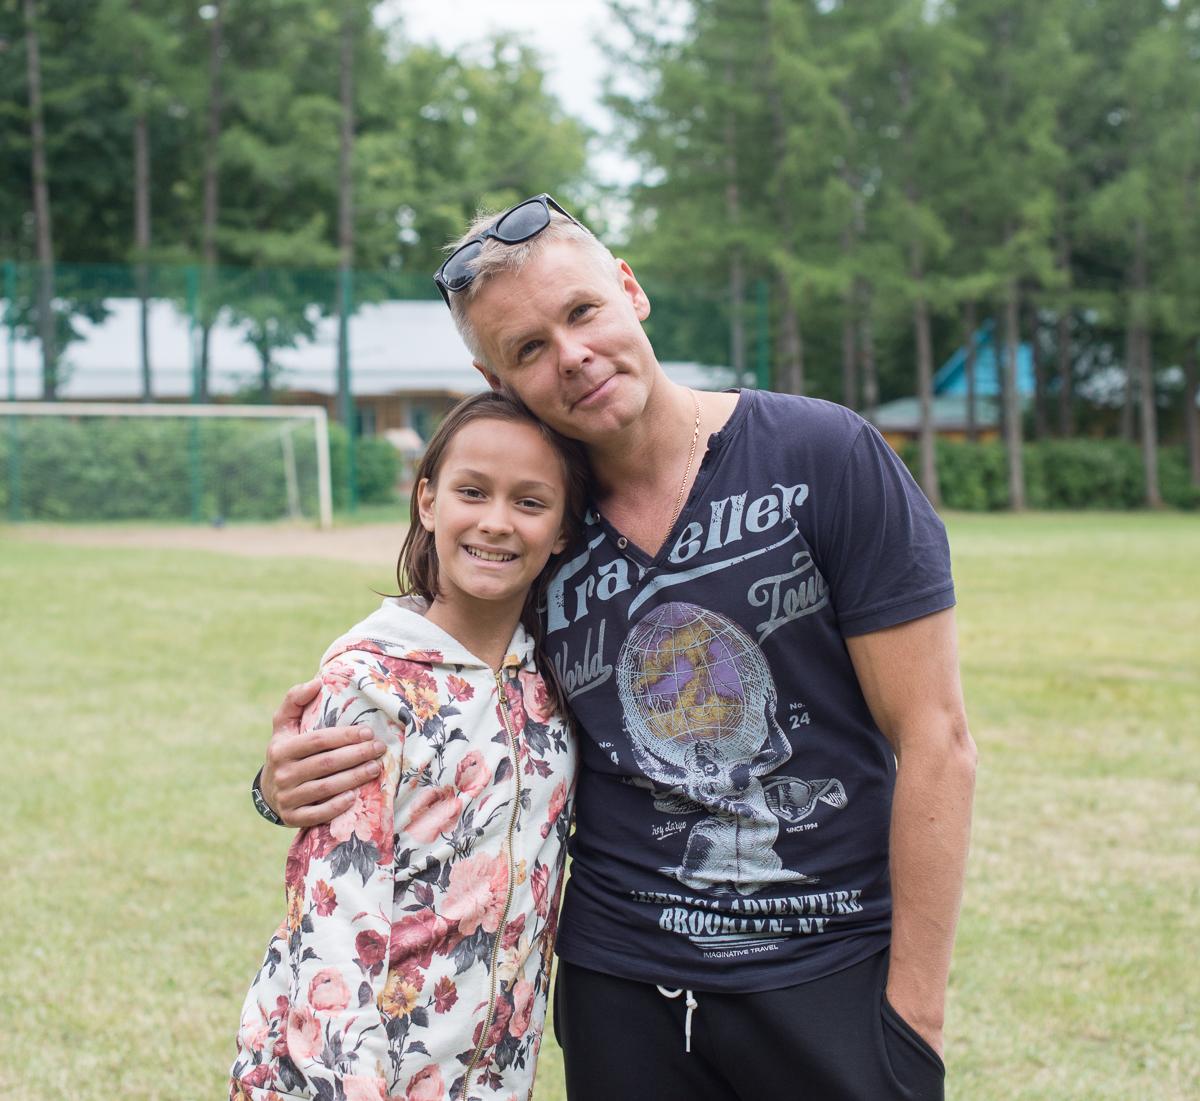 мелкие, илья соколовский и его супруга фото можно использовать